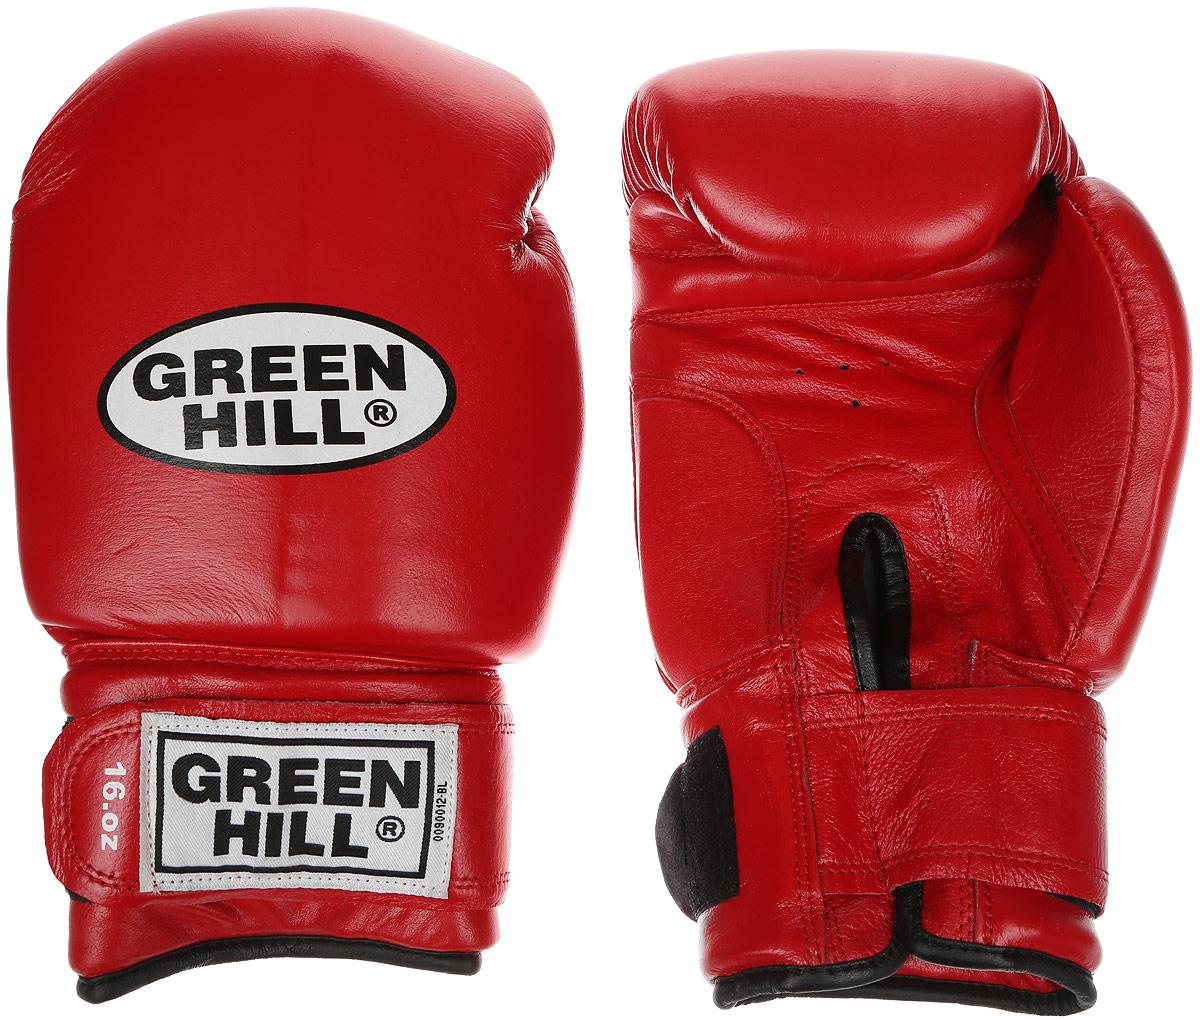 Перчатки боксерские Green Hill Super Star, цвет: красный, белый. Вес 16 унций. BGS-1213сBGS-1213сБоксерские перчатки Green Hill Super Star предназначены для использования профессионалами. Подойдут для спаррингов и соревнований. Верх выполнен из натуральной кожи, наполнитель - из вспененного полимера. Отверстие в области ладони позволяет создать максимально комфортный терморежим во время занятий. Манжет на липучке способствует быстрому и удобному надеванию перчаток, плотно фиксирует перчатки на руке.